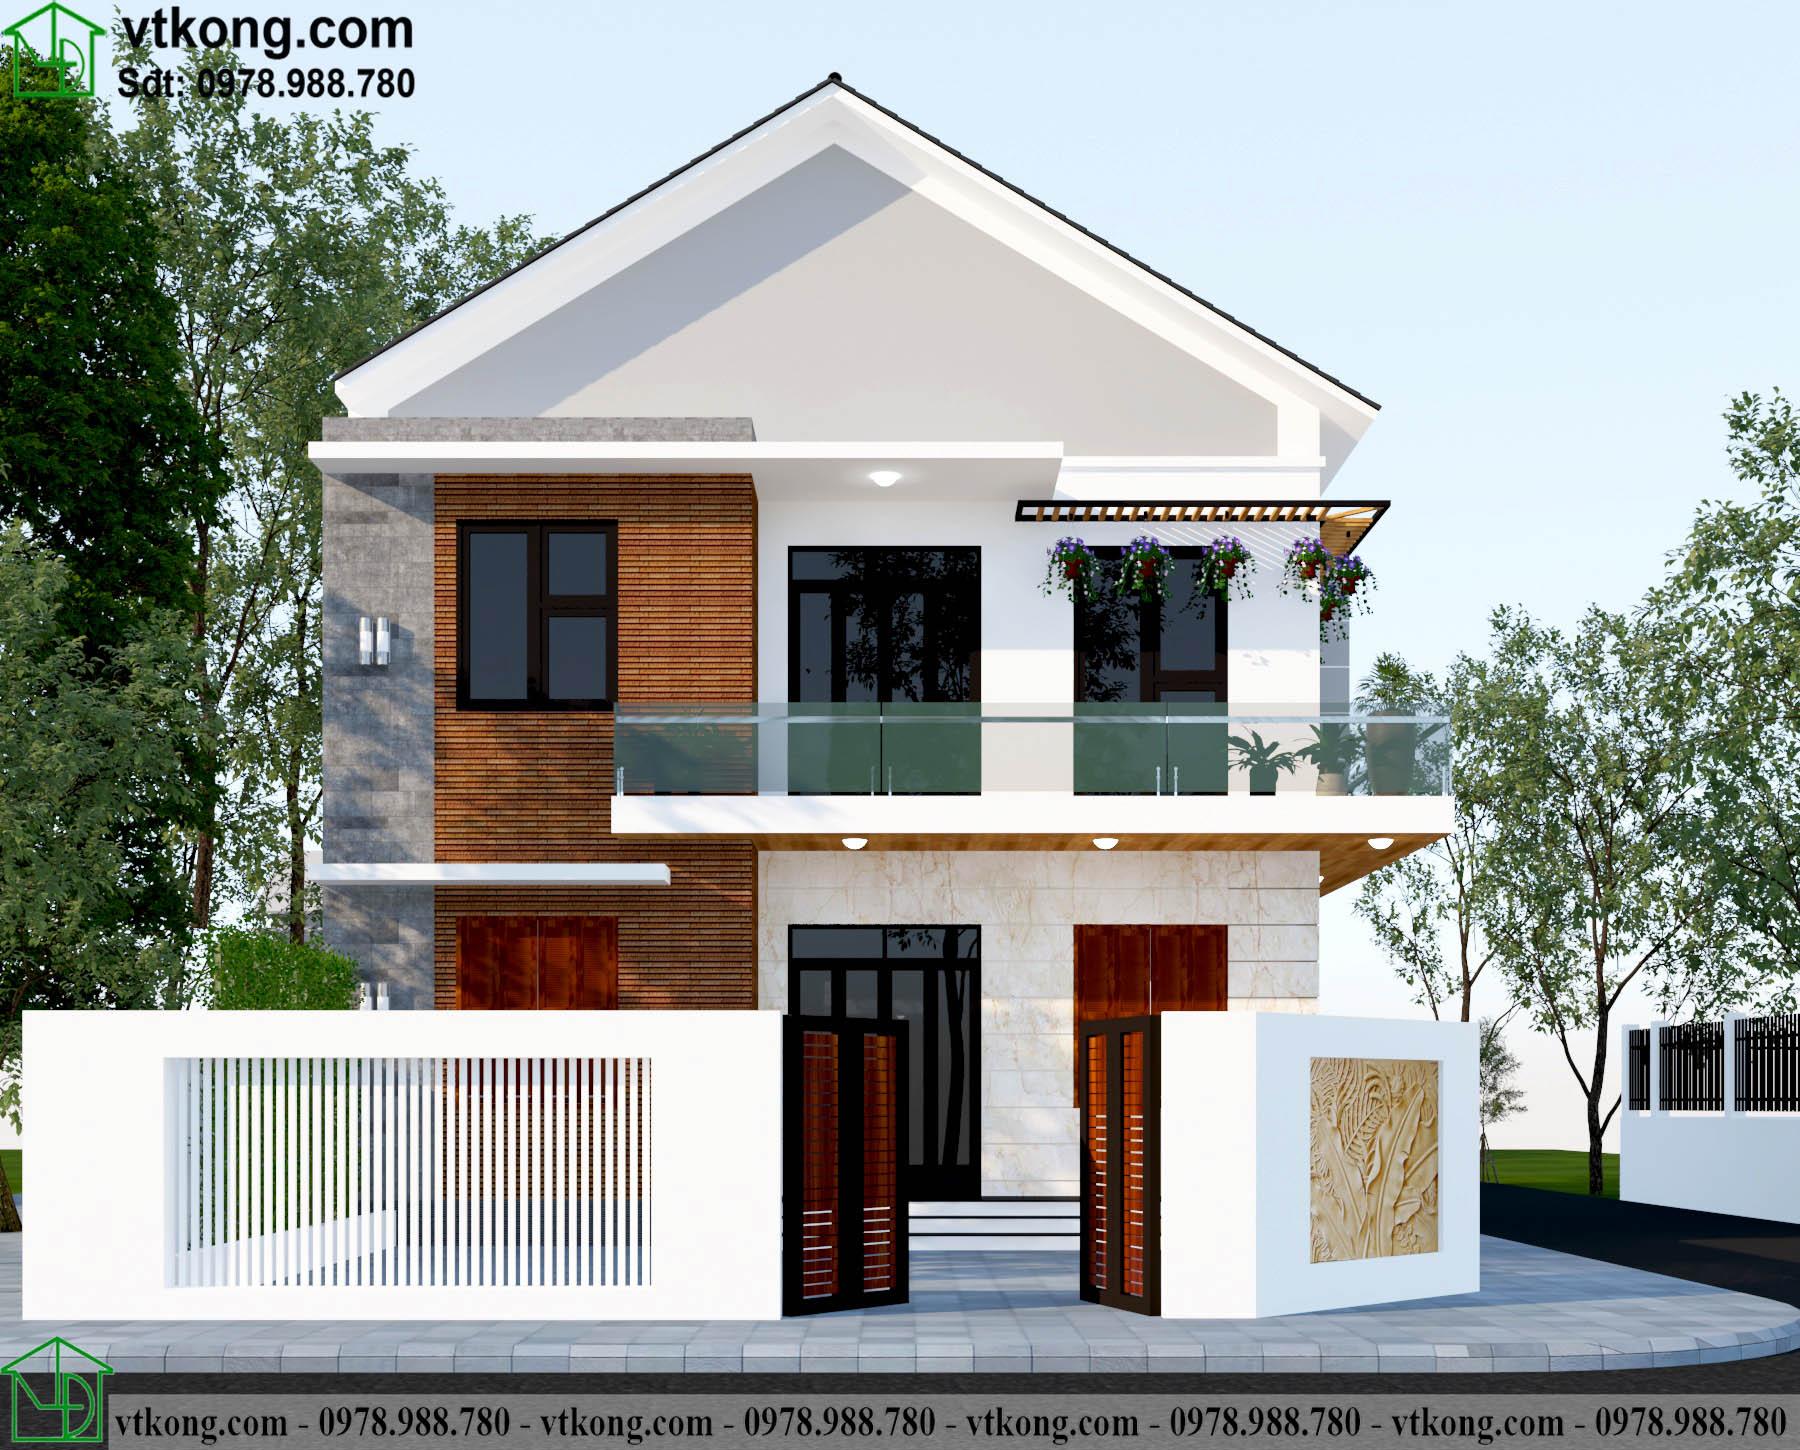 Thiết kế nhà 100m2 có sân vườn đẹp 2 tầng phong cách hiện đại BT2T58